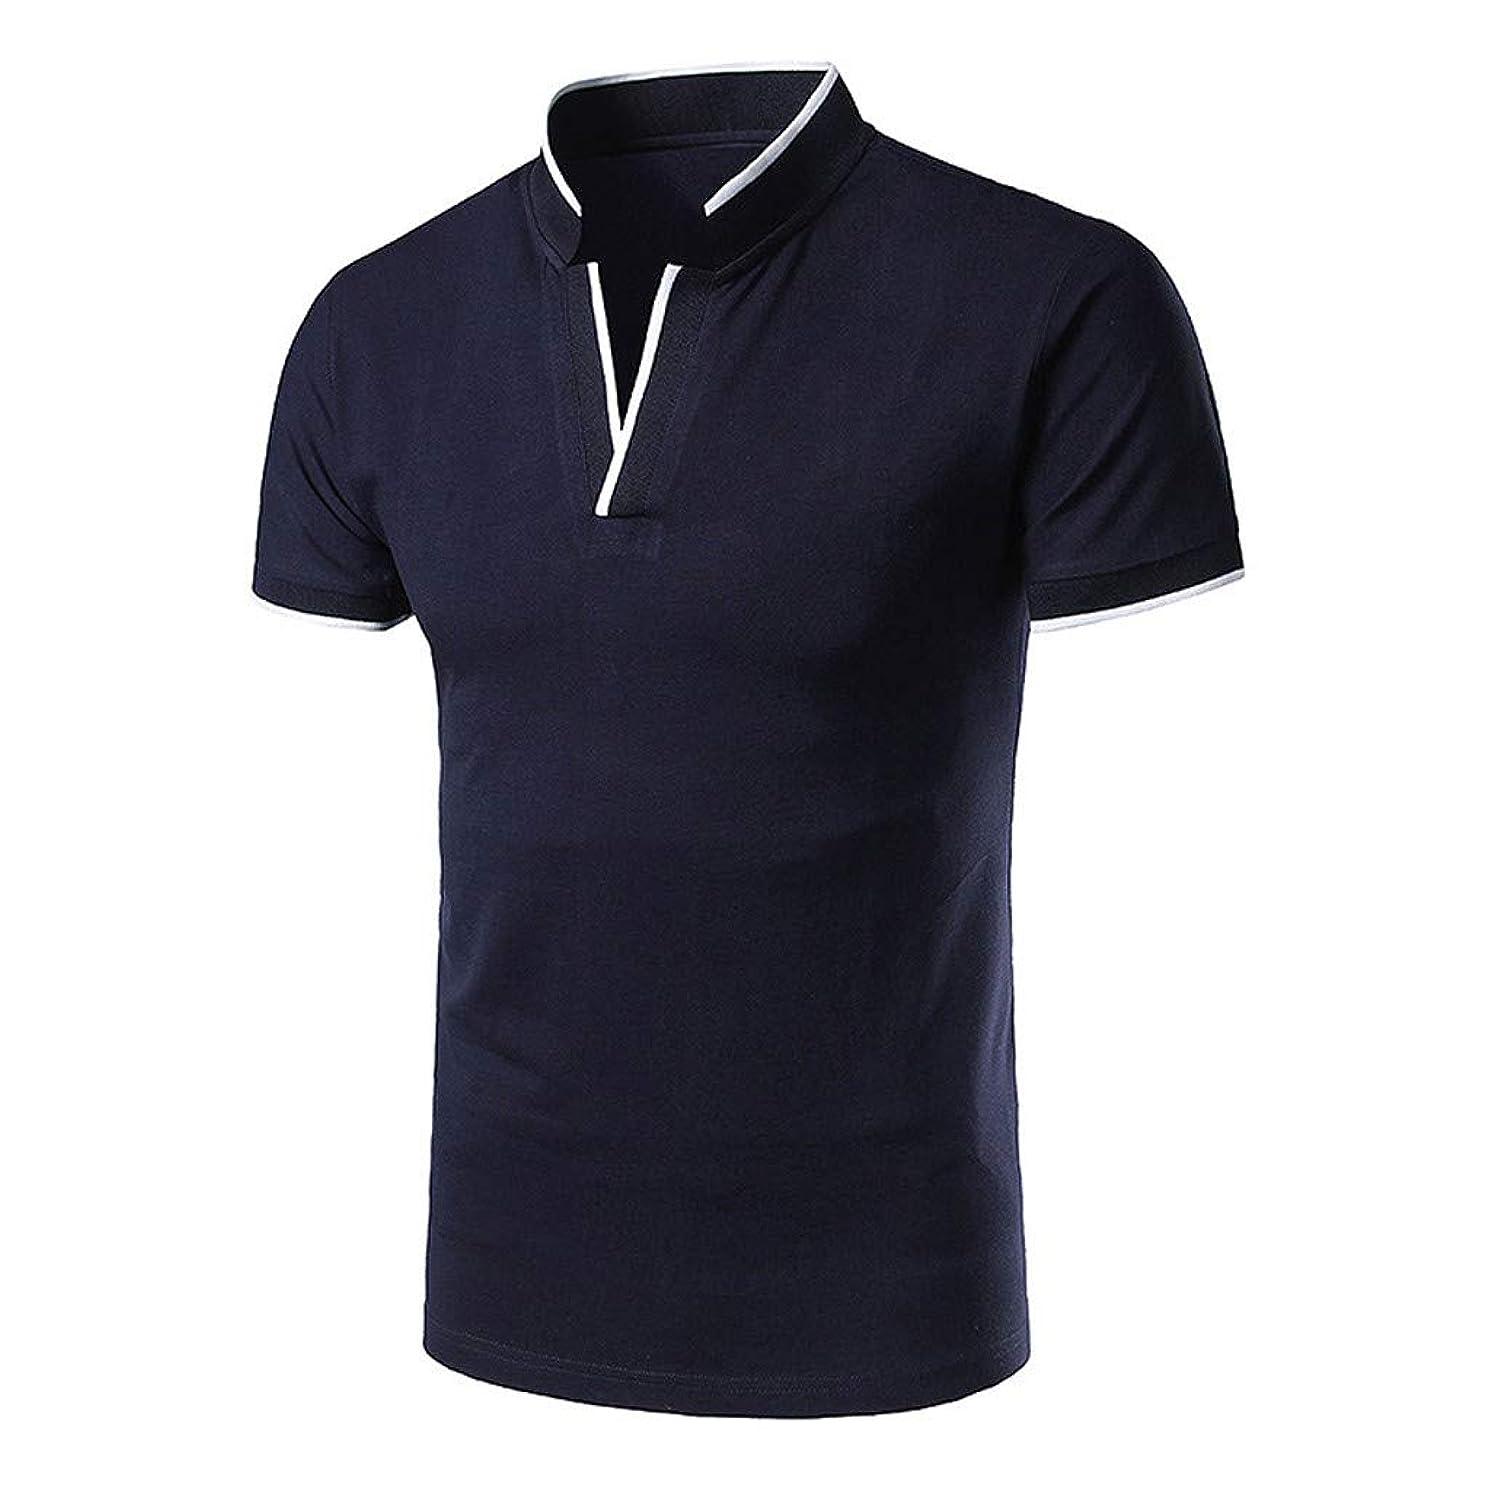 Mijaution Men's Stand Collar Short Sleeve Shirt Top V-Neck T-Shirt Henley Shirt Golf Shirt Golf Polo Shirt